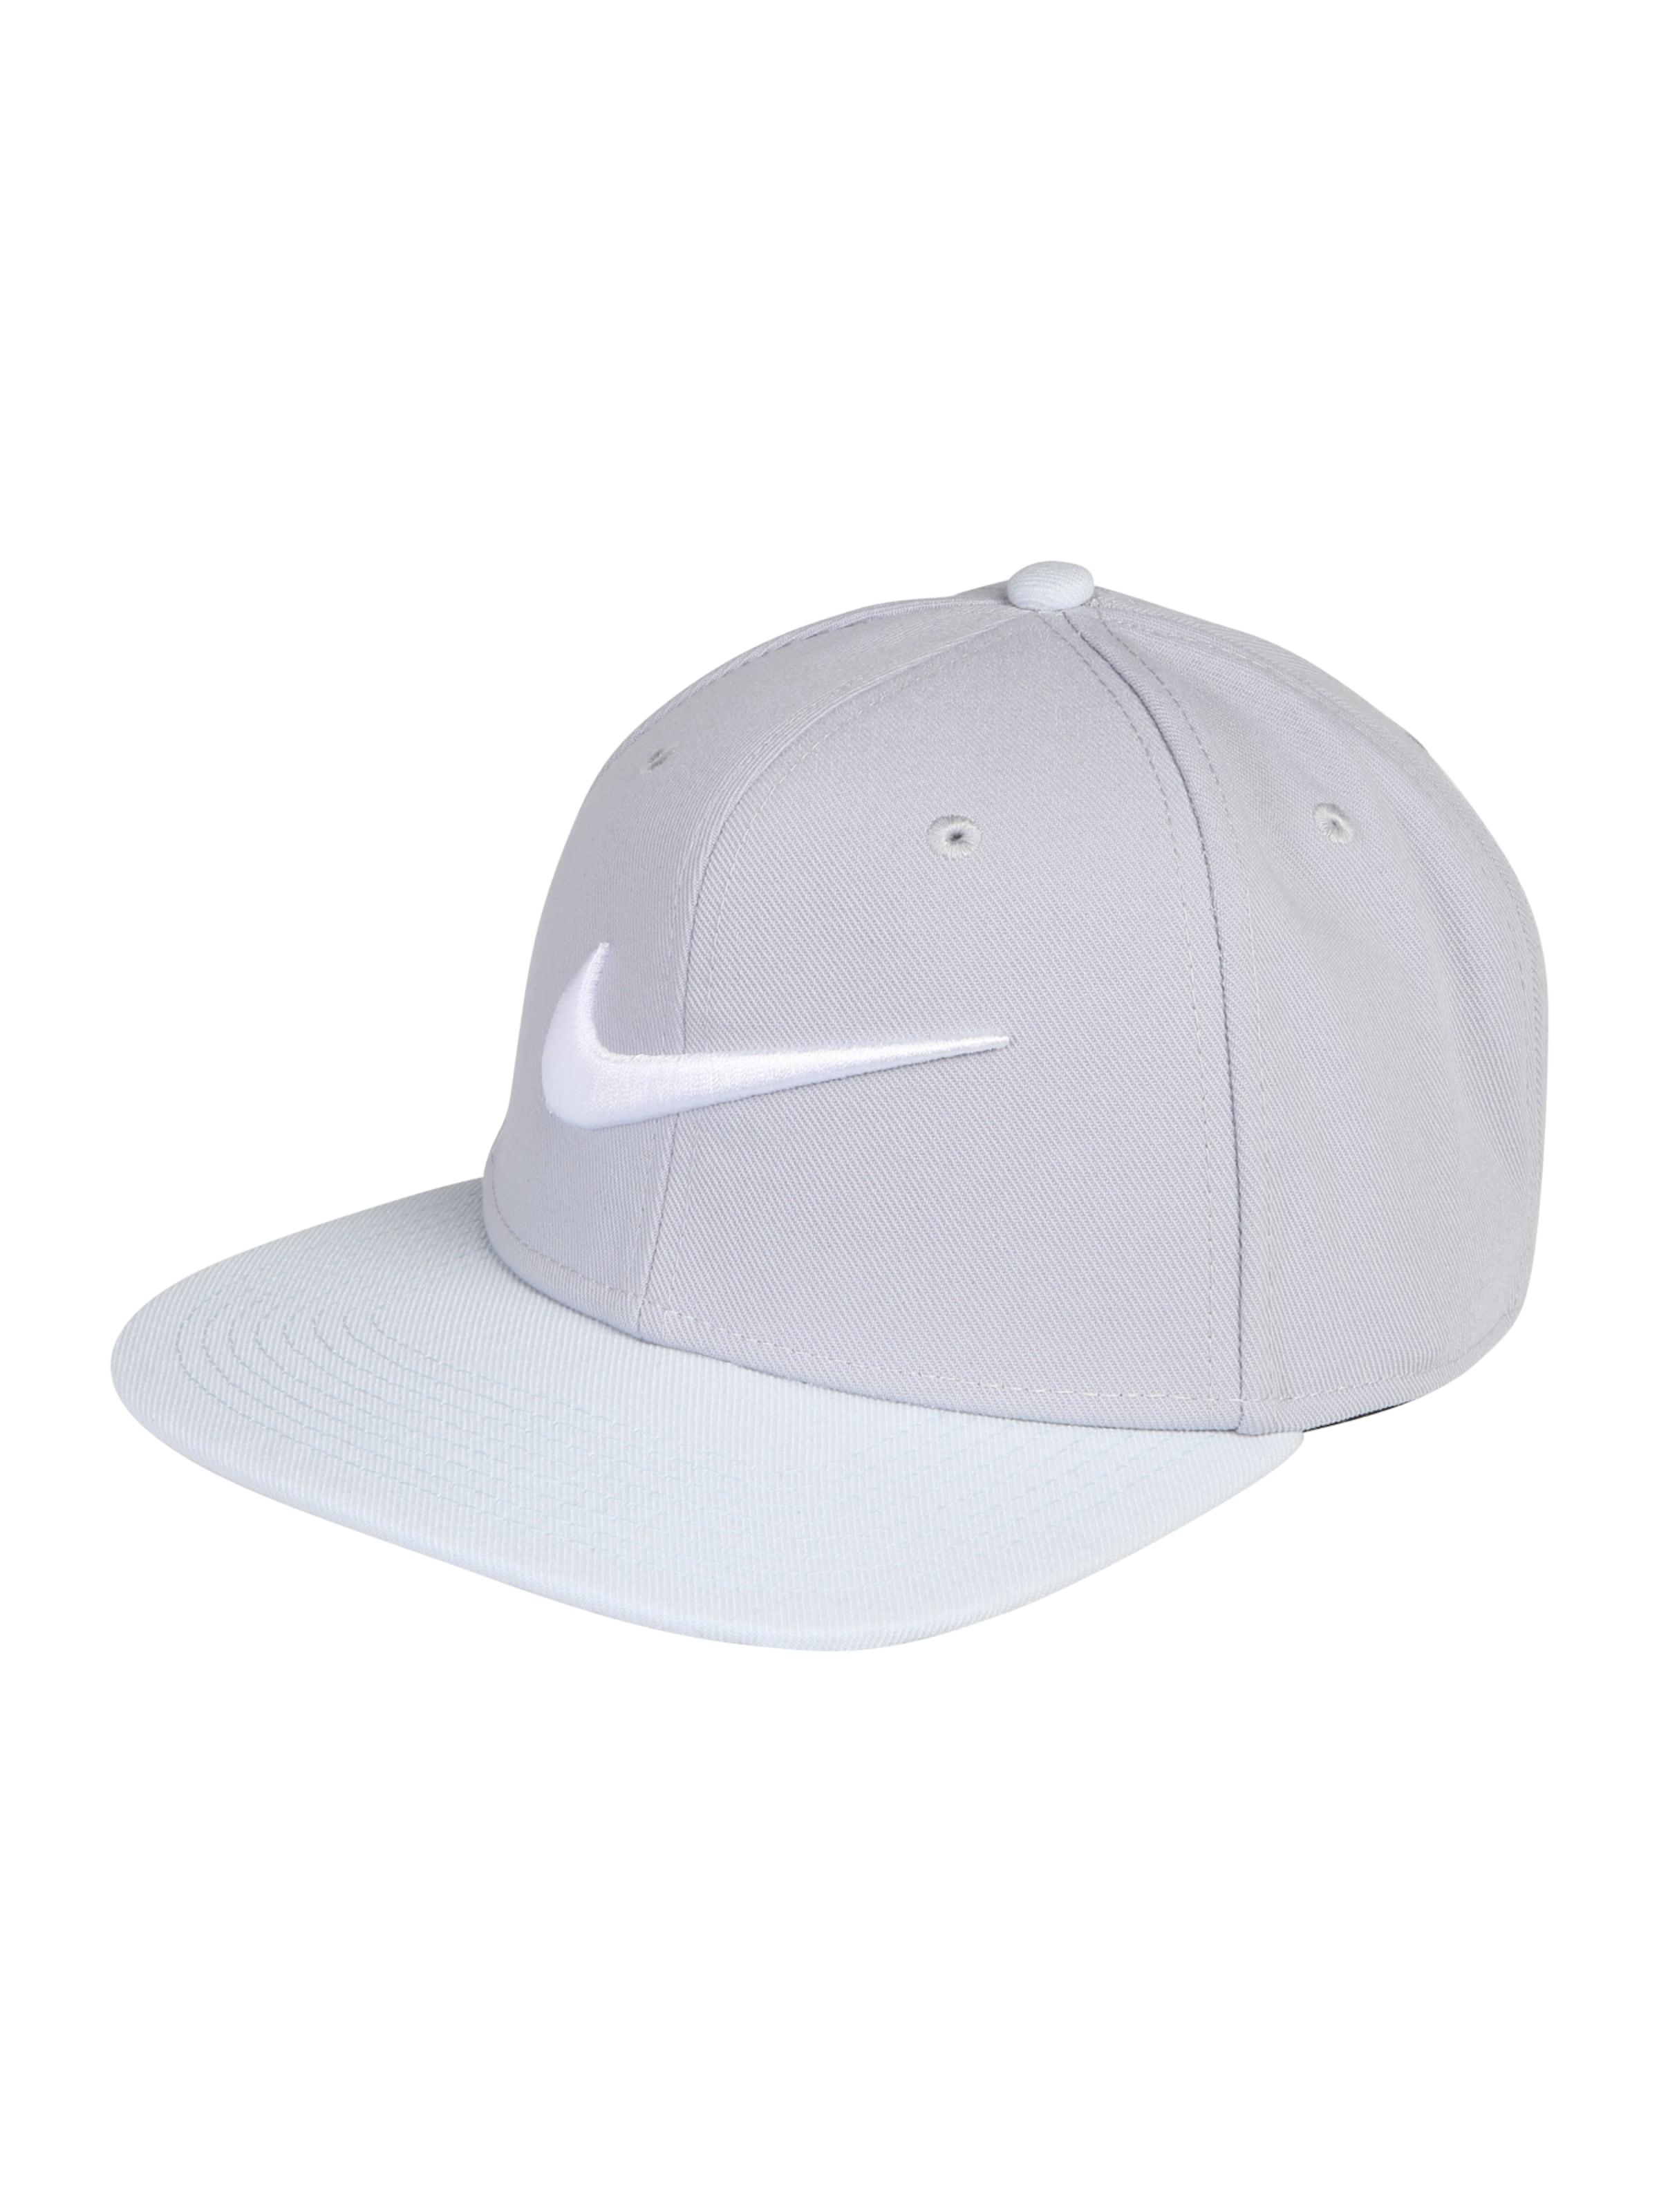 Nike Cap Nike Sportswear GrauWeiß In Sportswear iwZPuOkXT